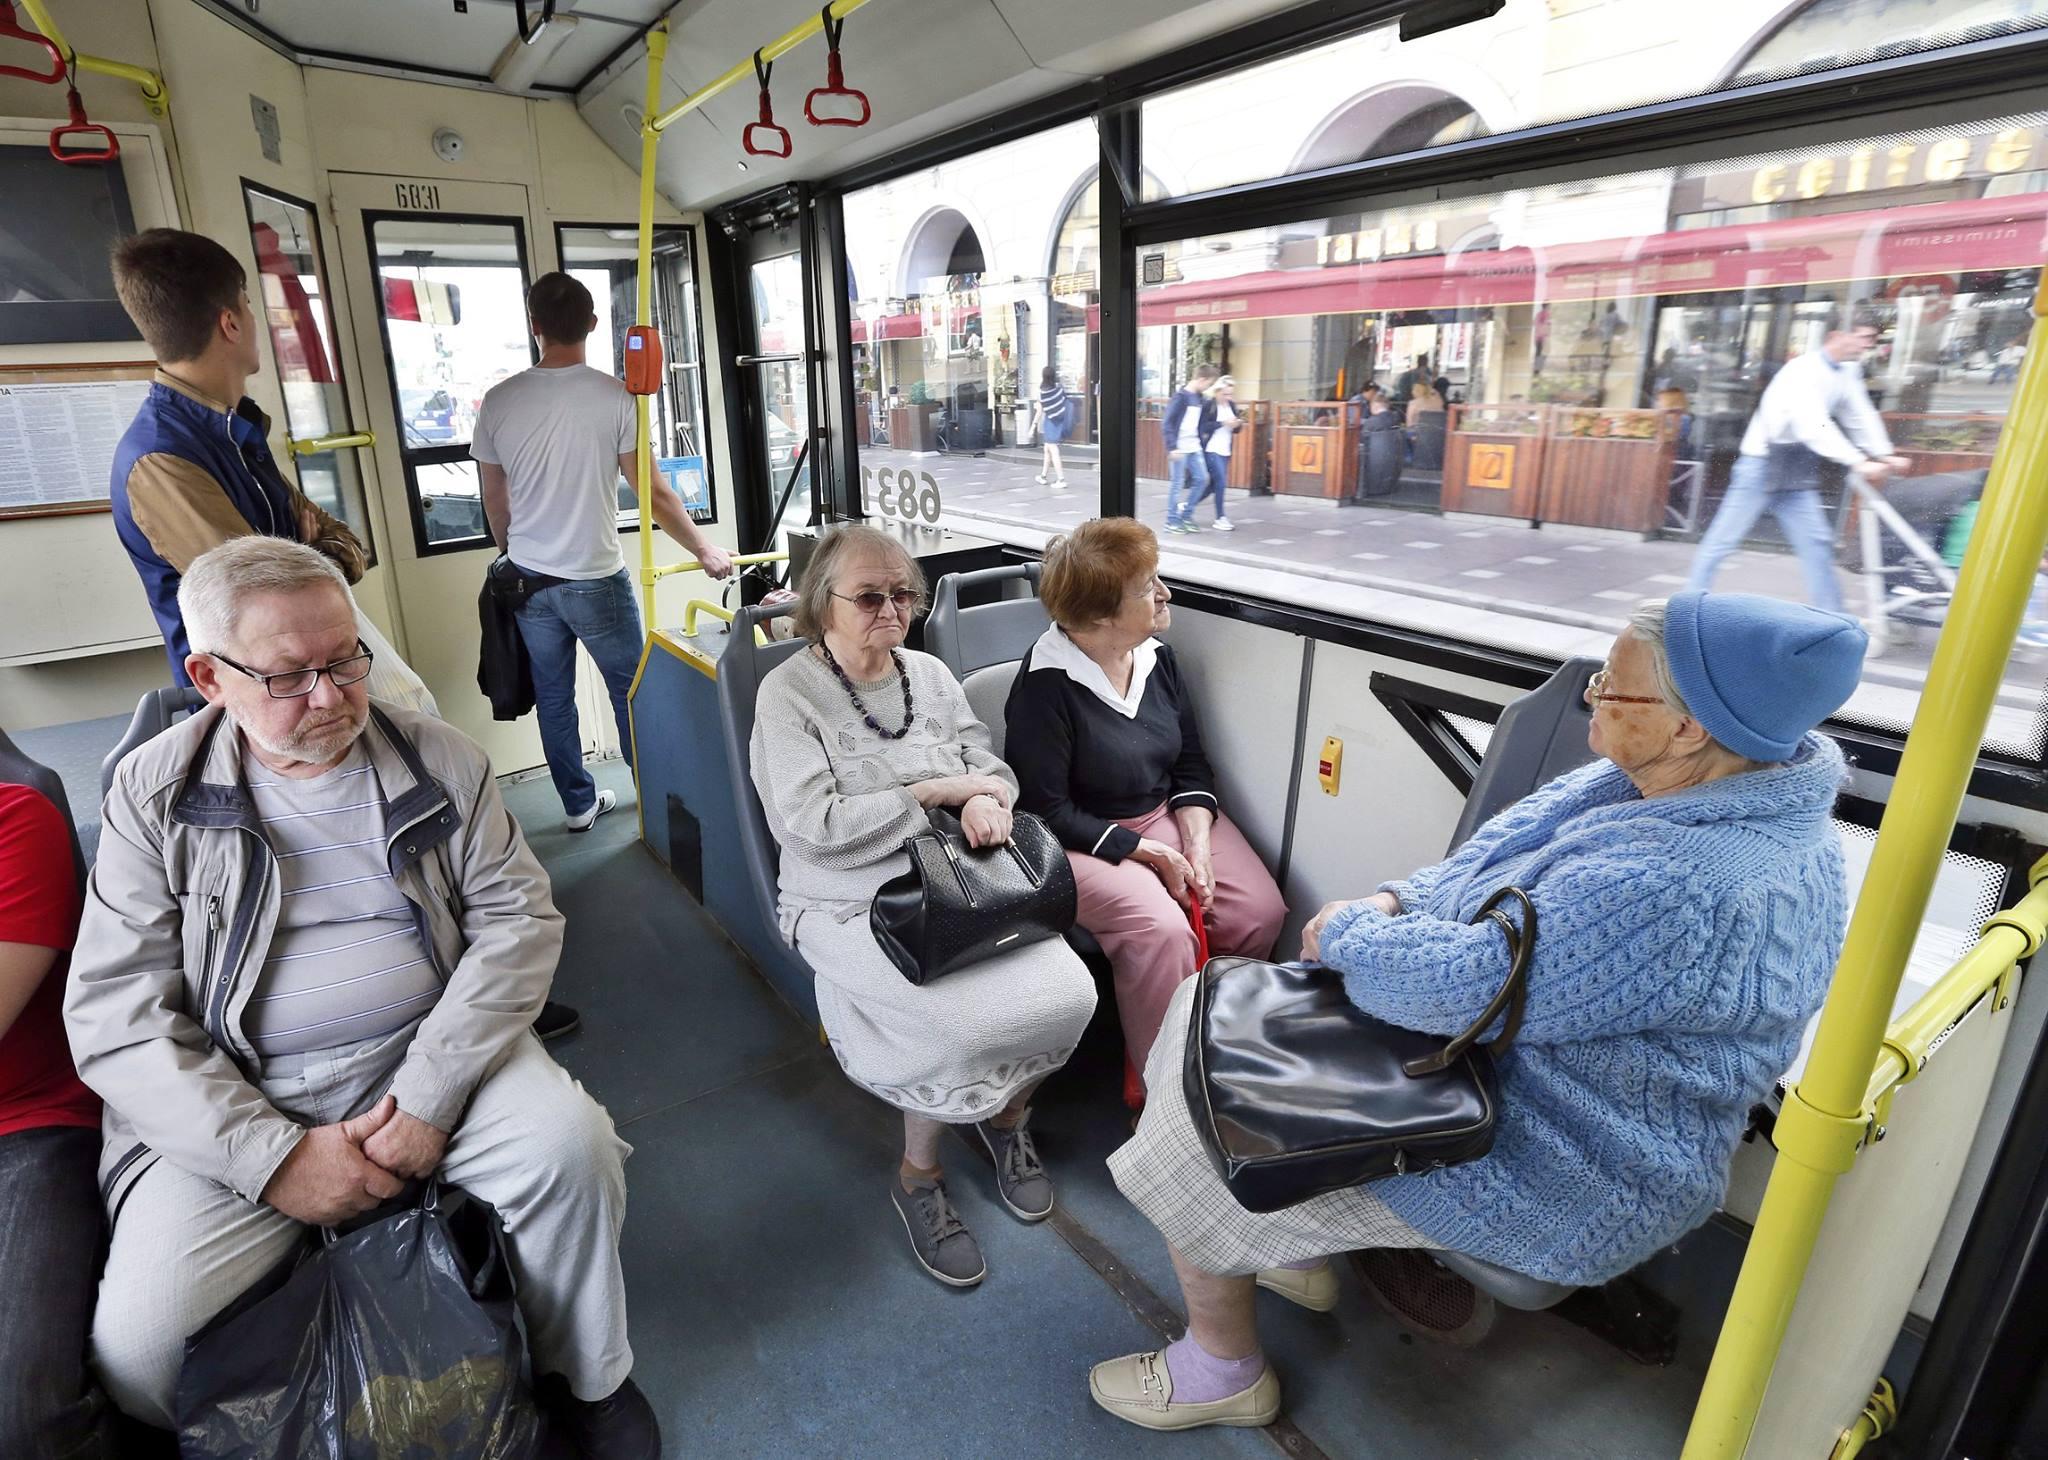 В автобусе нужно будет предъявить паспорт. Новые правила для пассажиров общественного транспорта